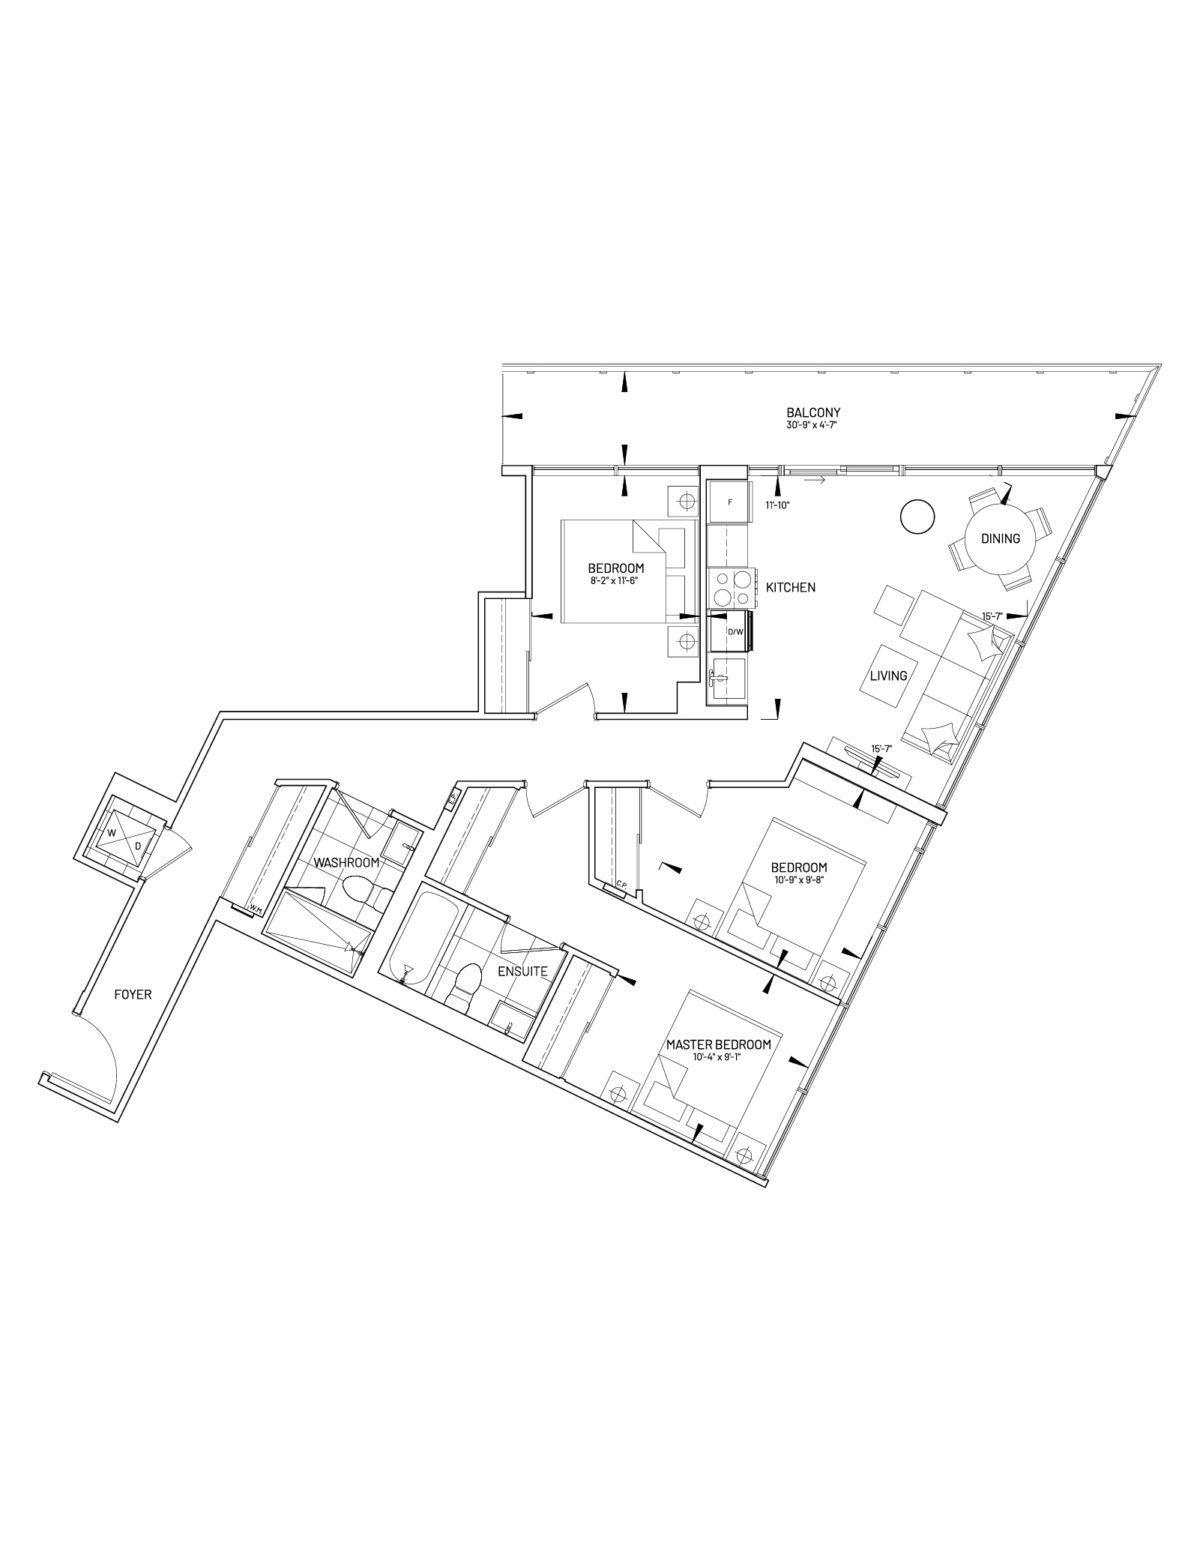 Suite 3-H Floor Plan